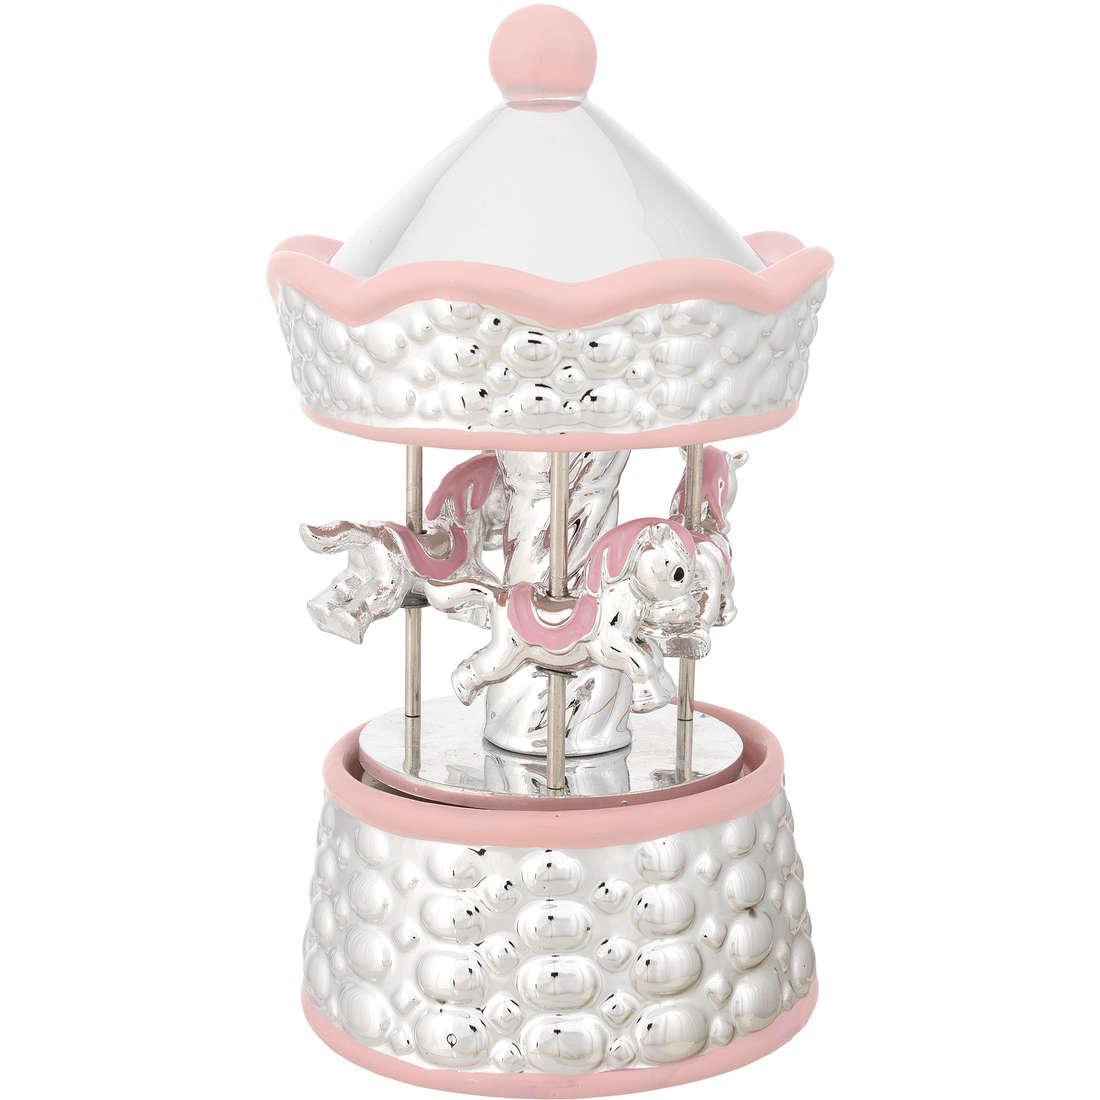 accessori neonato Bagutta B 4167-01 R